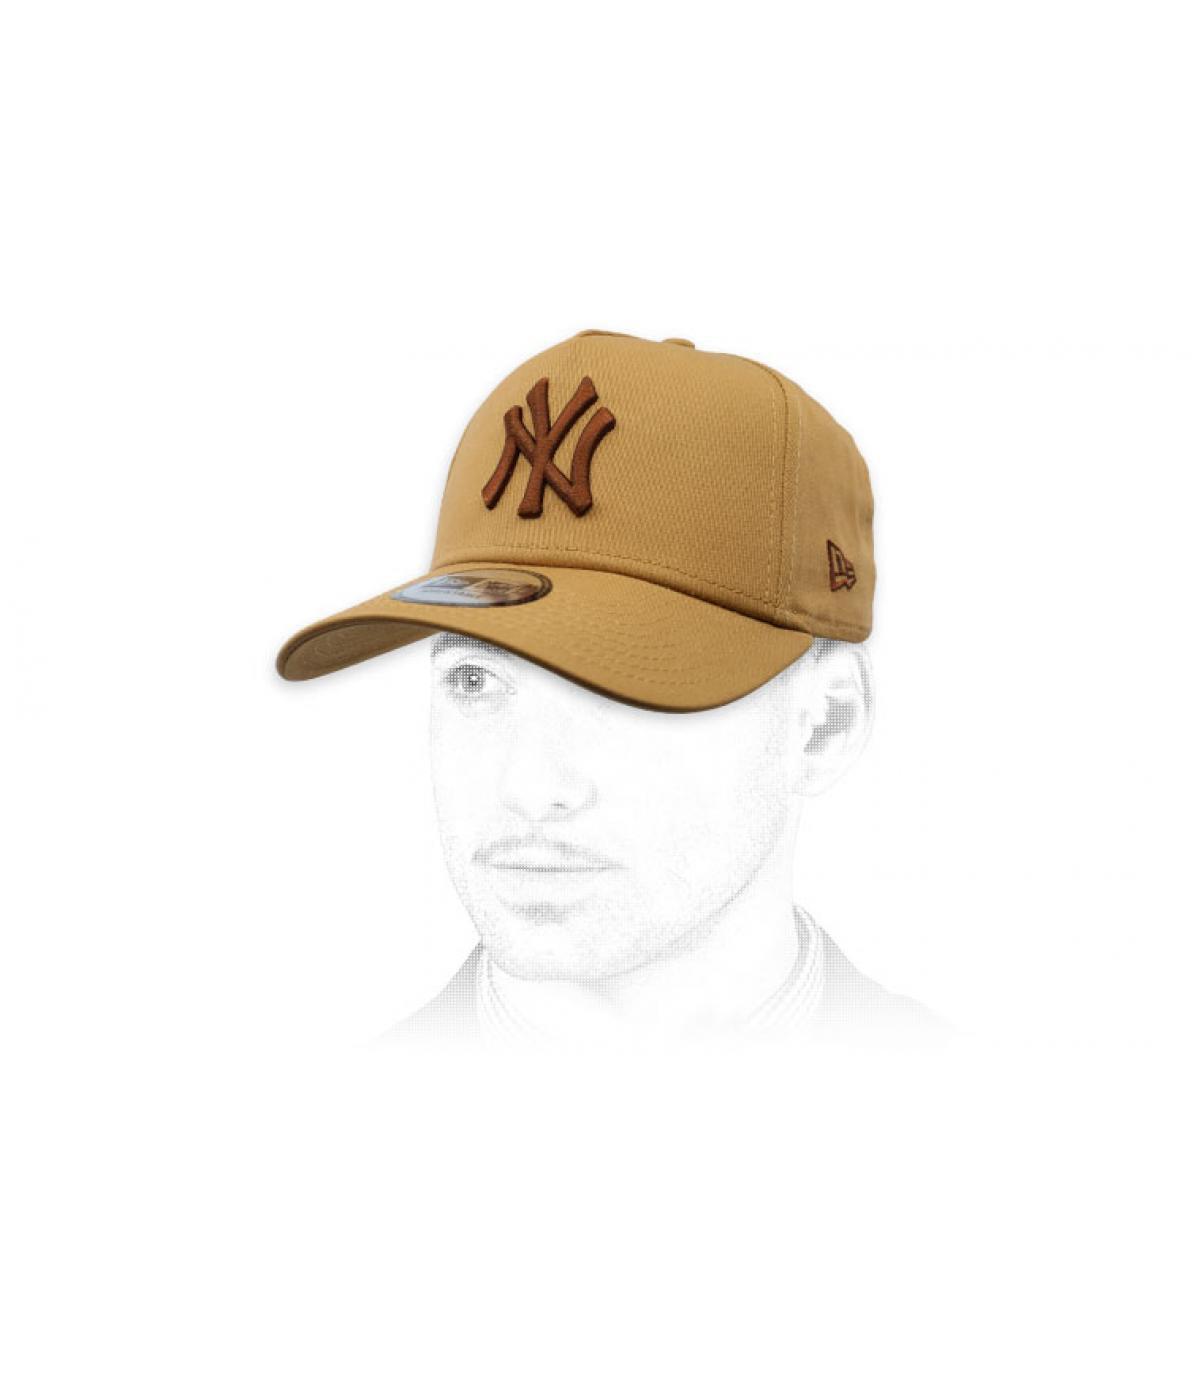 Cap NY beige Aframe